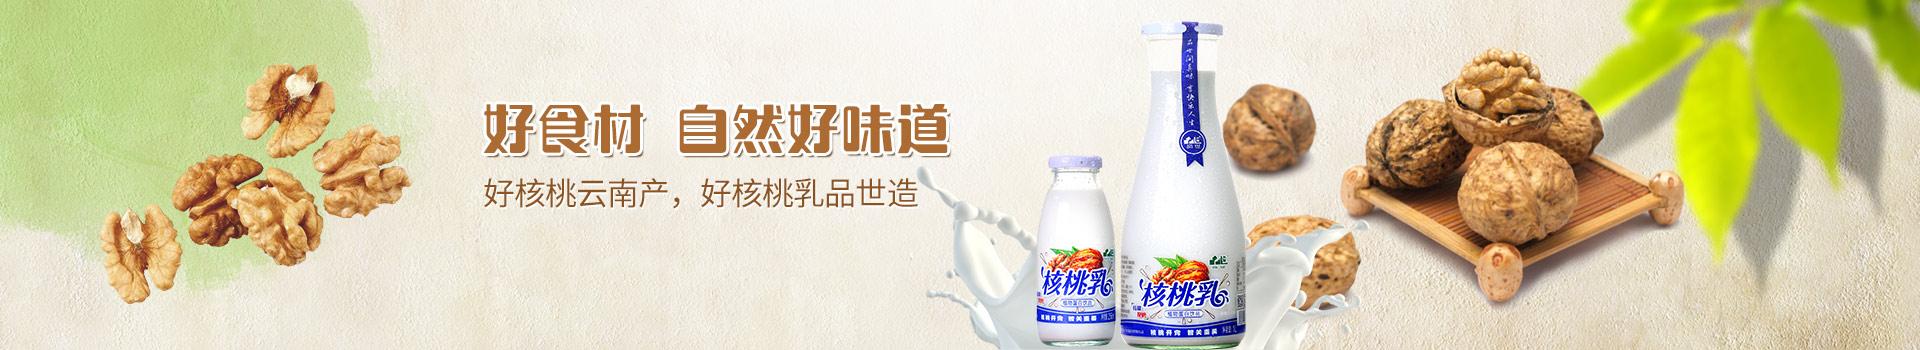 品世蛋白饮料,好食材,自然好味道